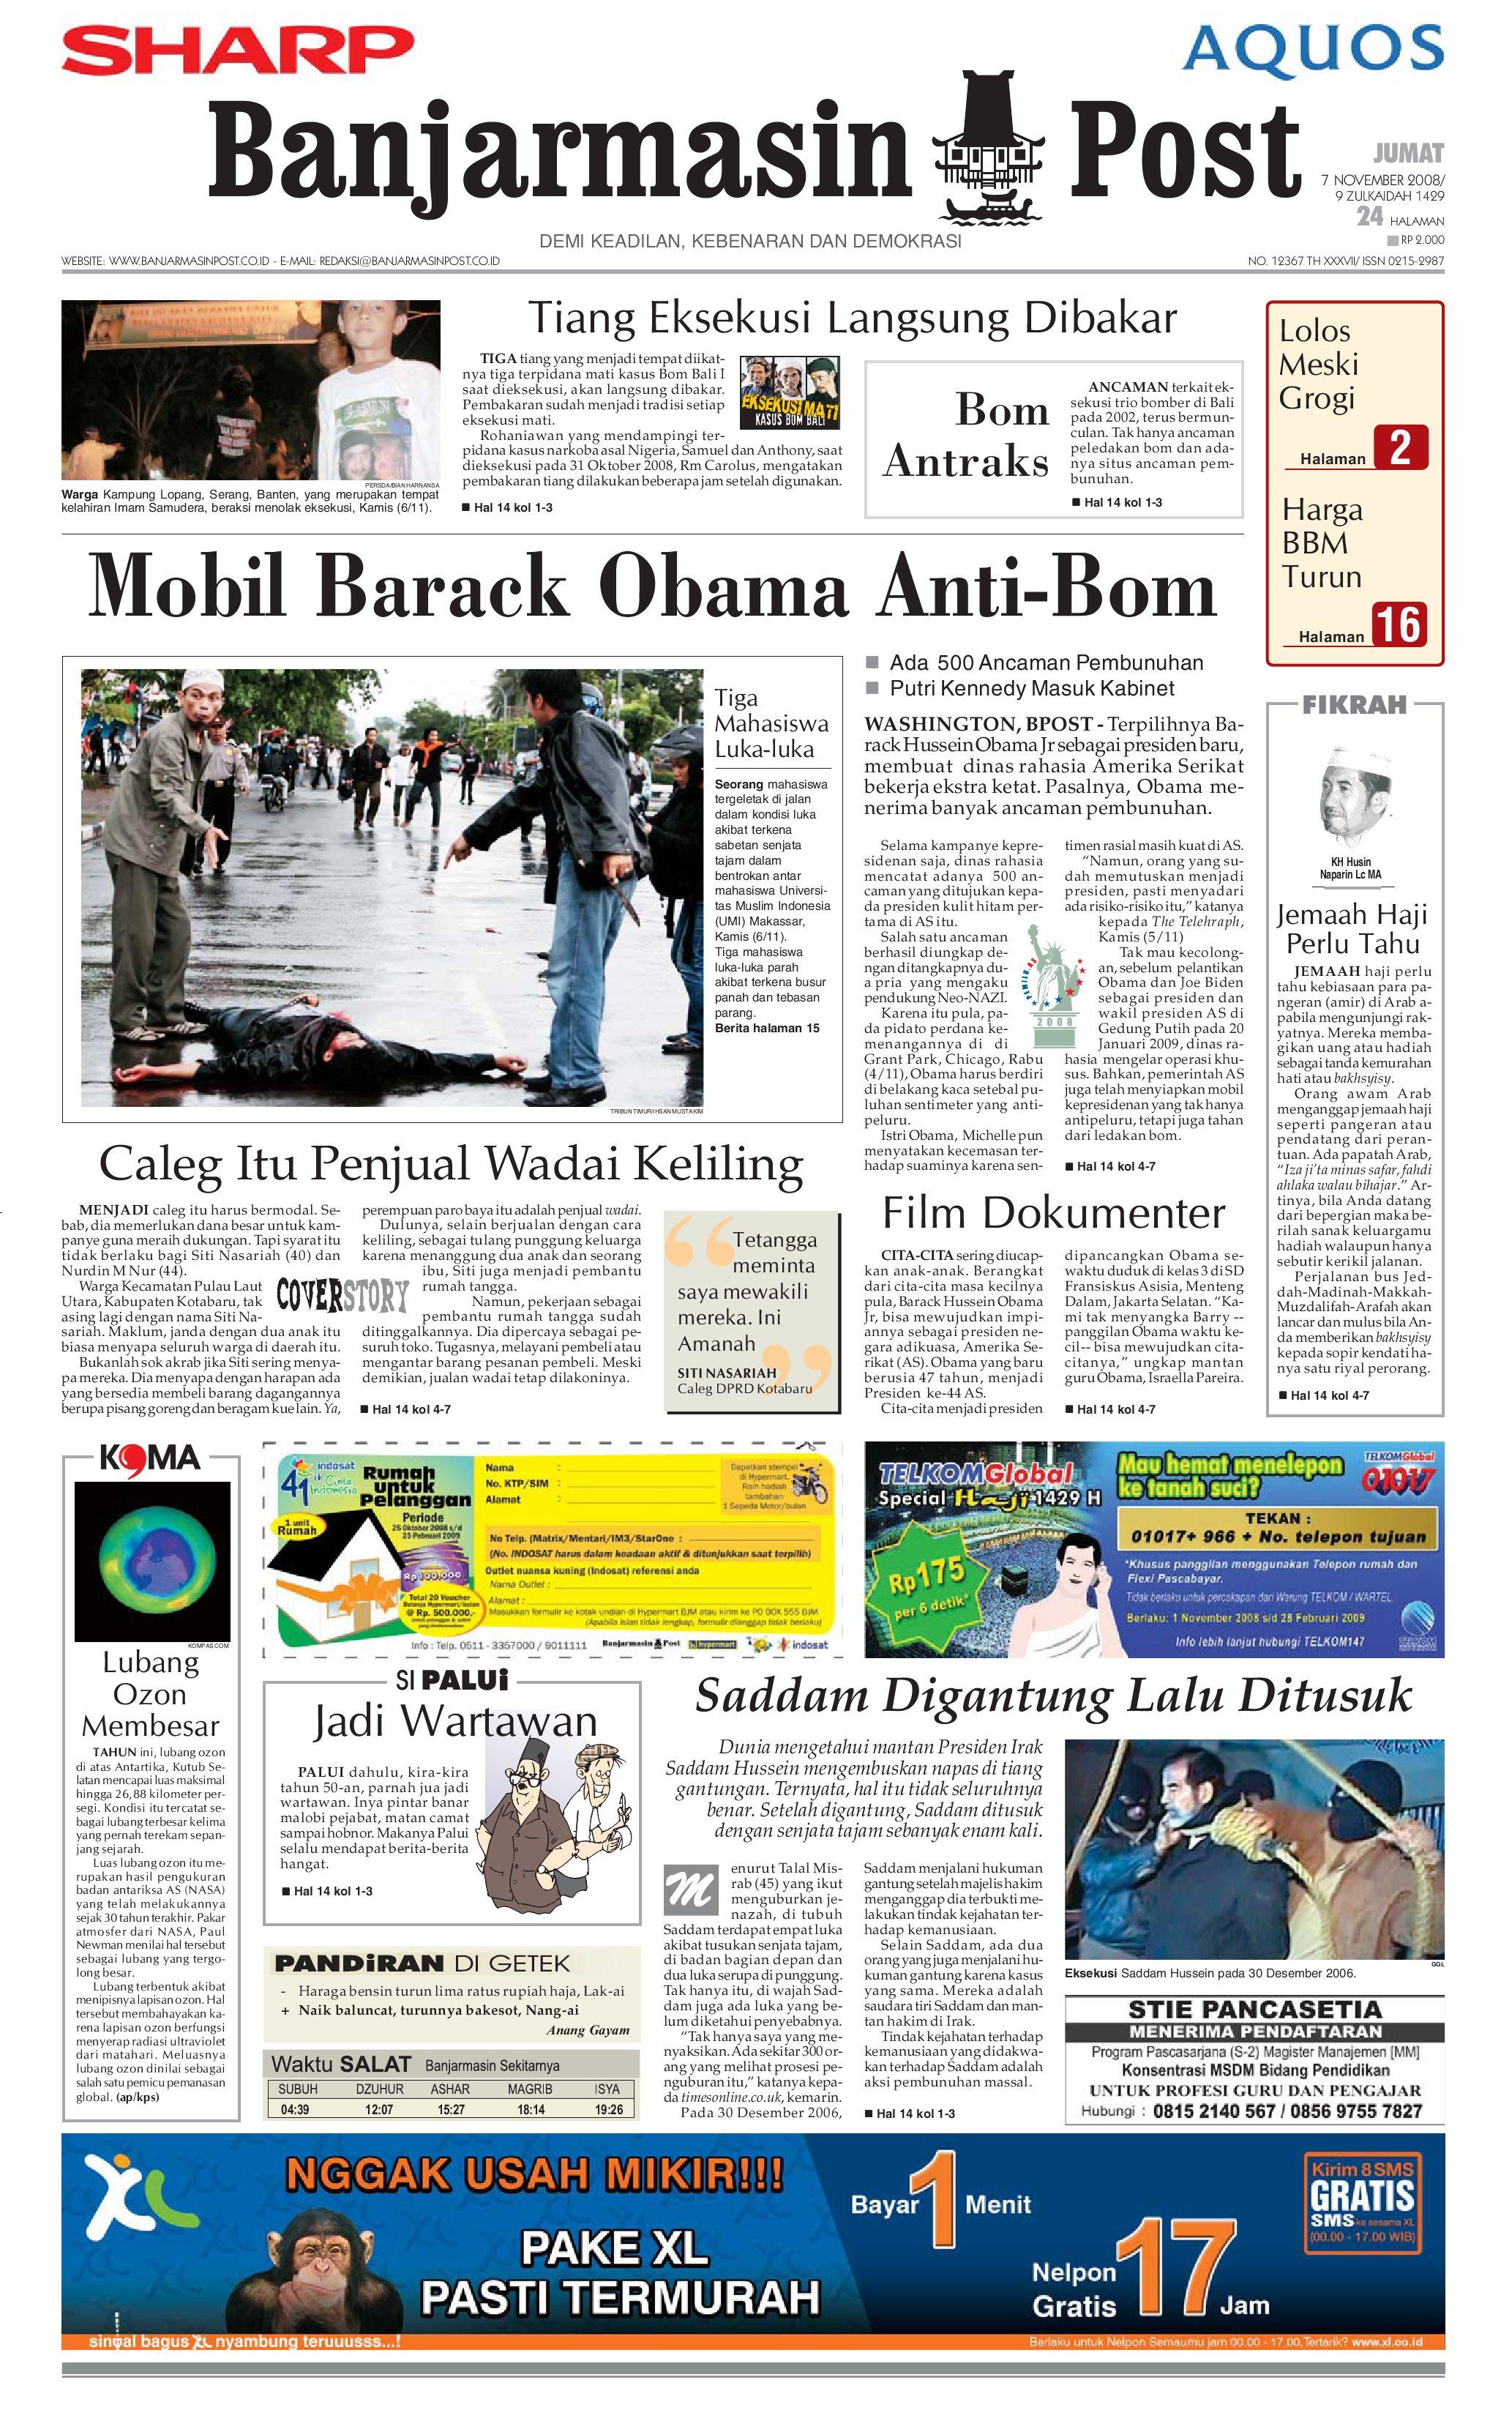 Banjarmasin Post 7 November 2008 By Banjarmasin Post Issuu